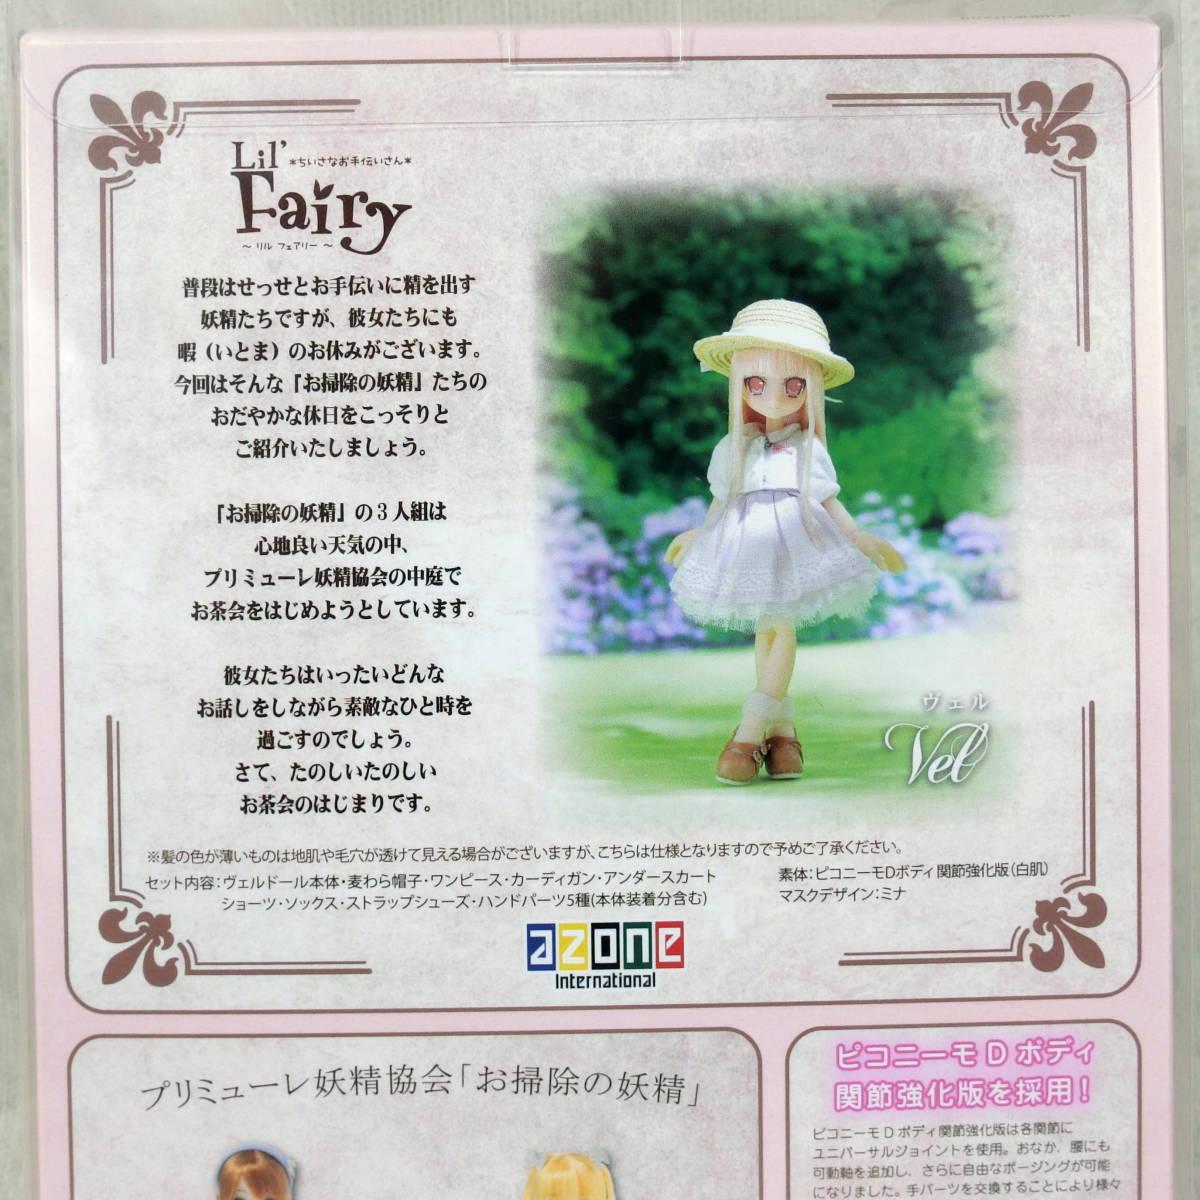 送料無料 未開封新品 アゾン 1/12Lil'Fairy(リルフェアリー)~妖精たちの休日~/ヴェル_画像3